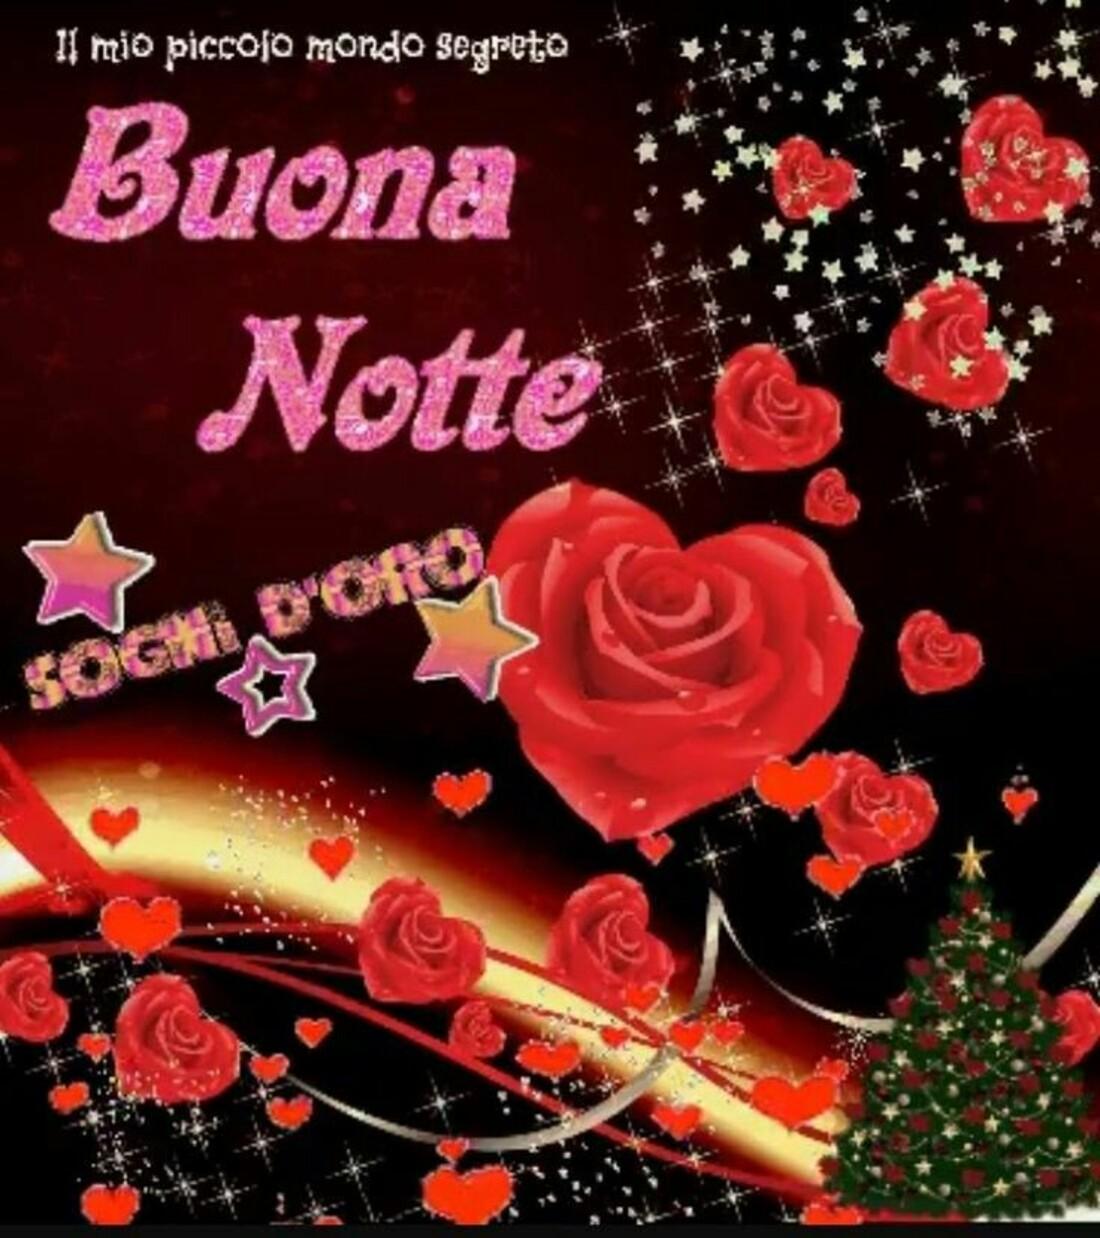 Buona Notte e sogni d'oro